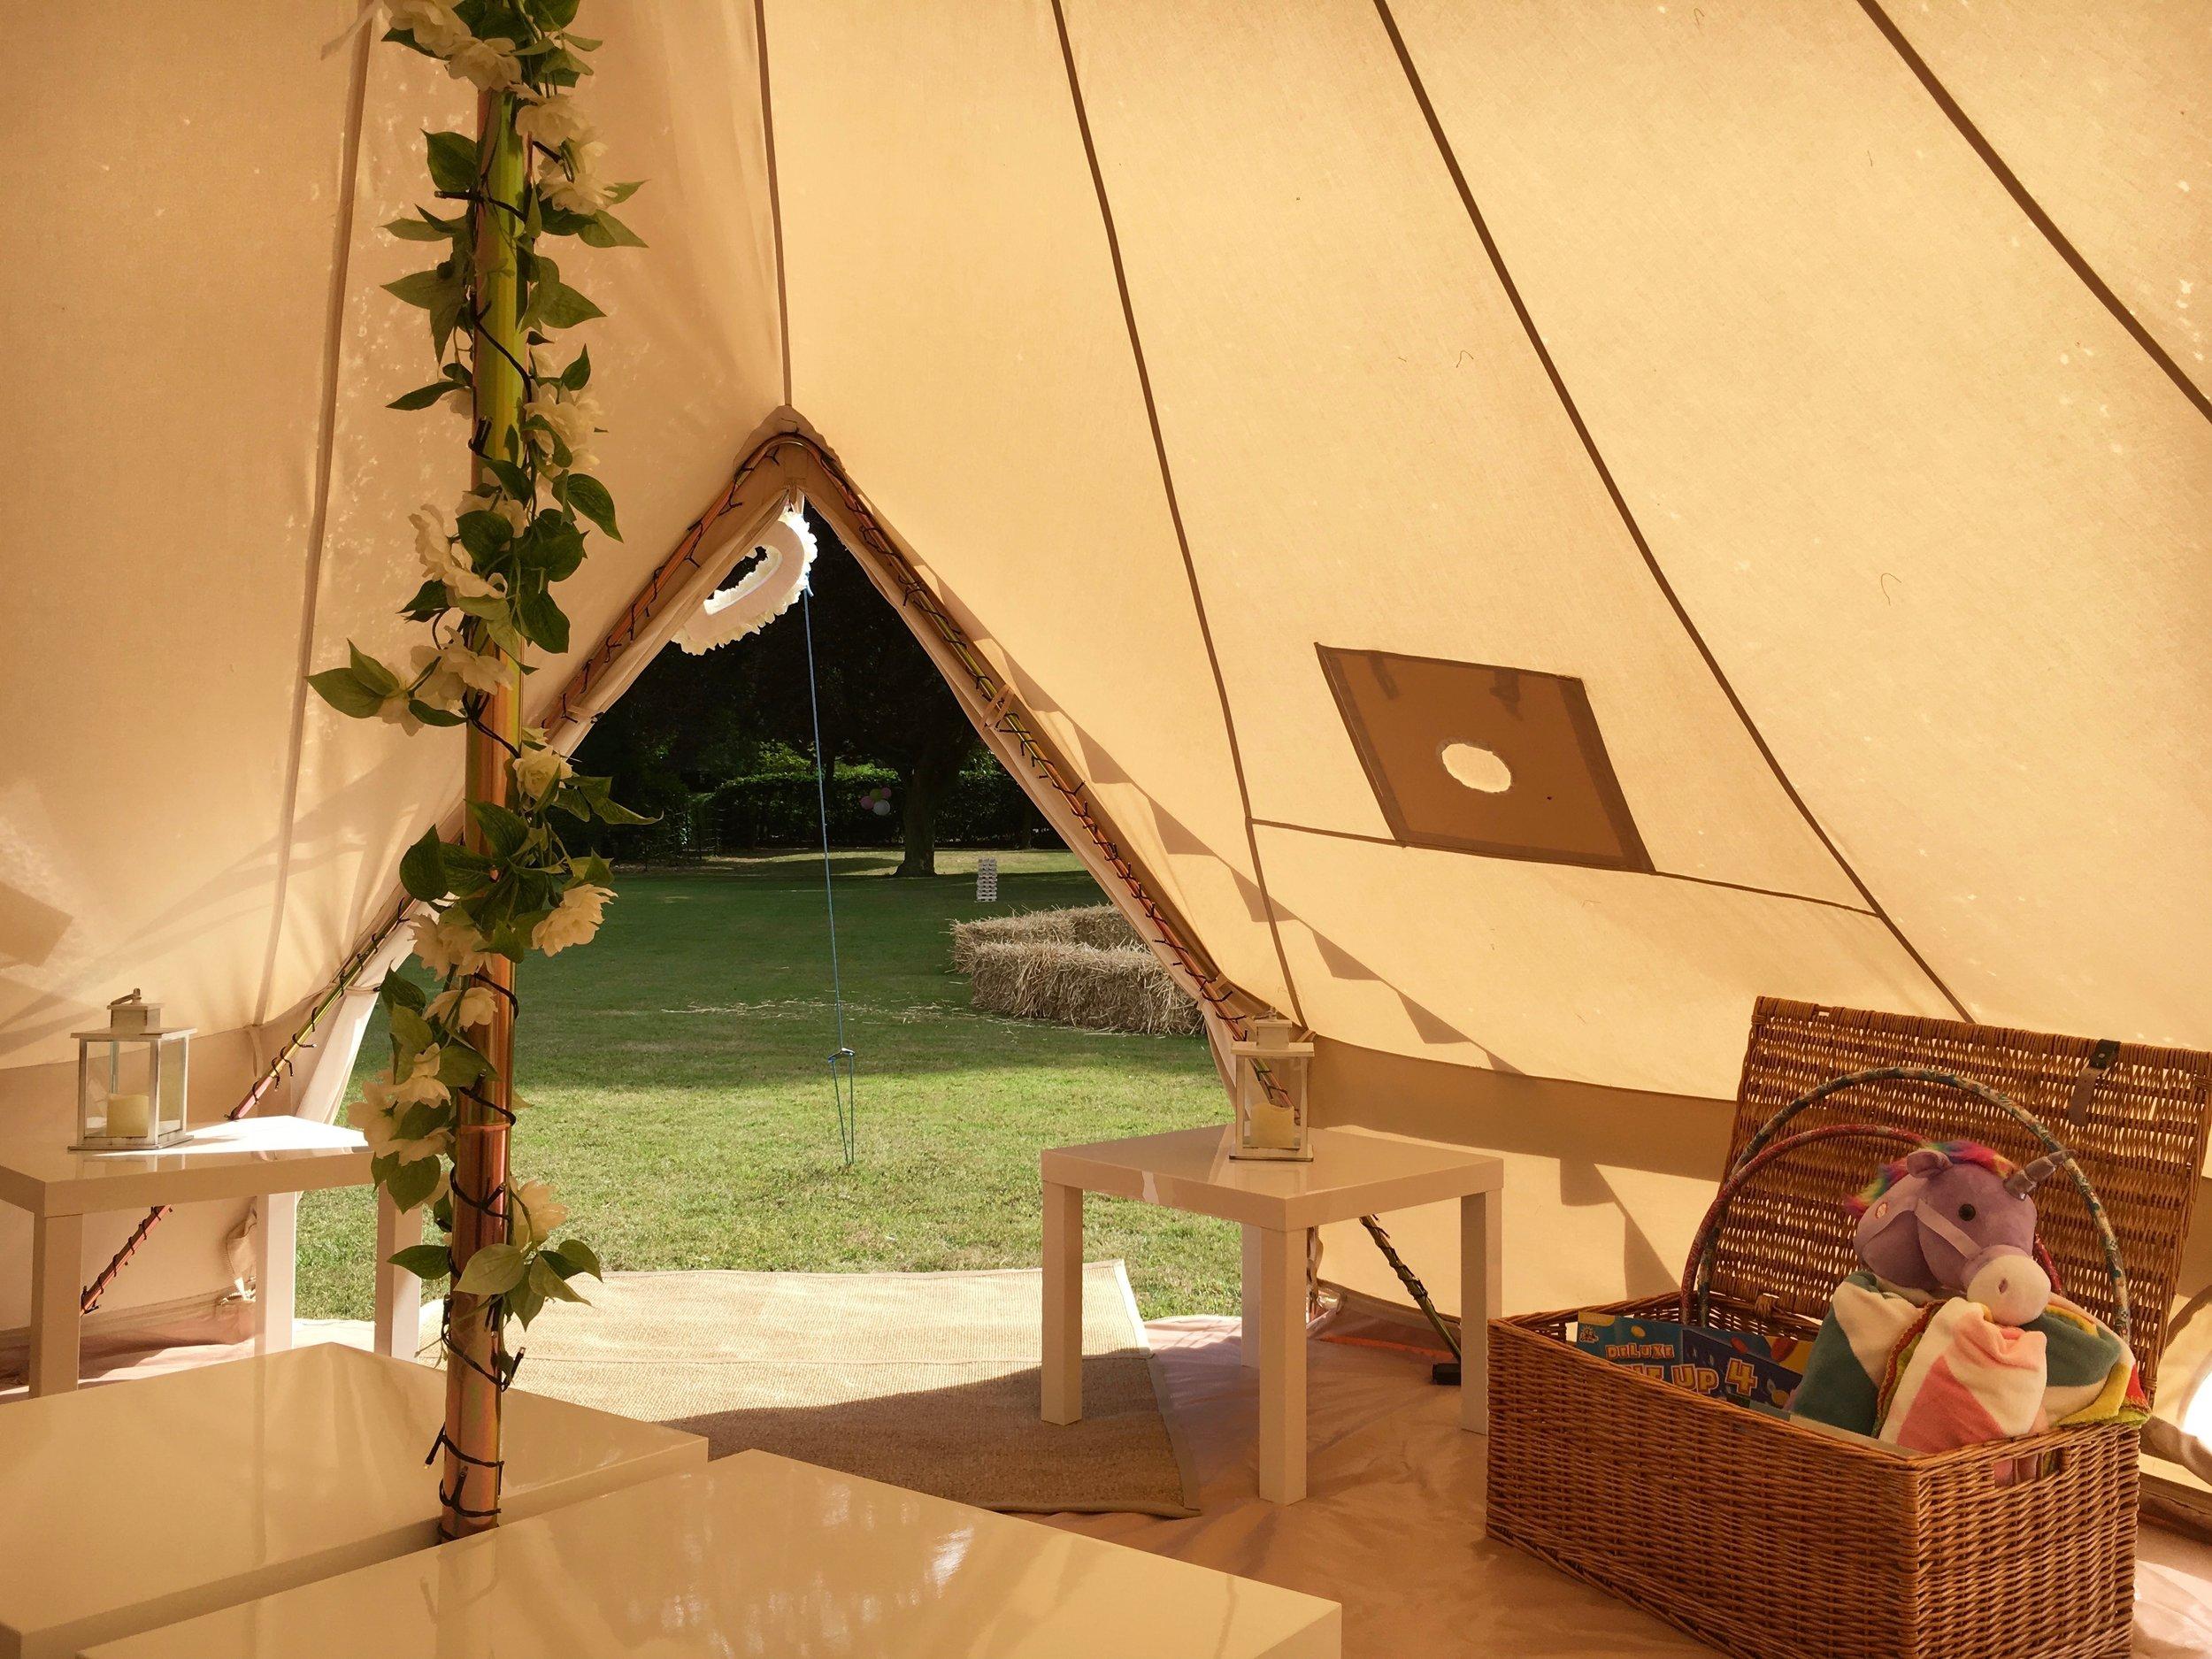 Wedding Play Tents -